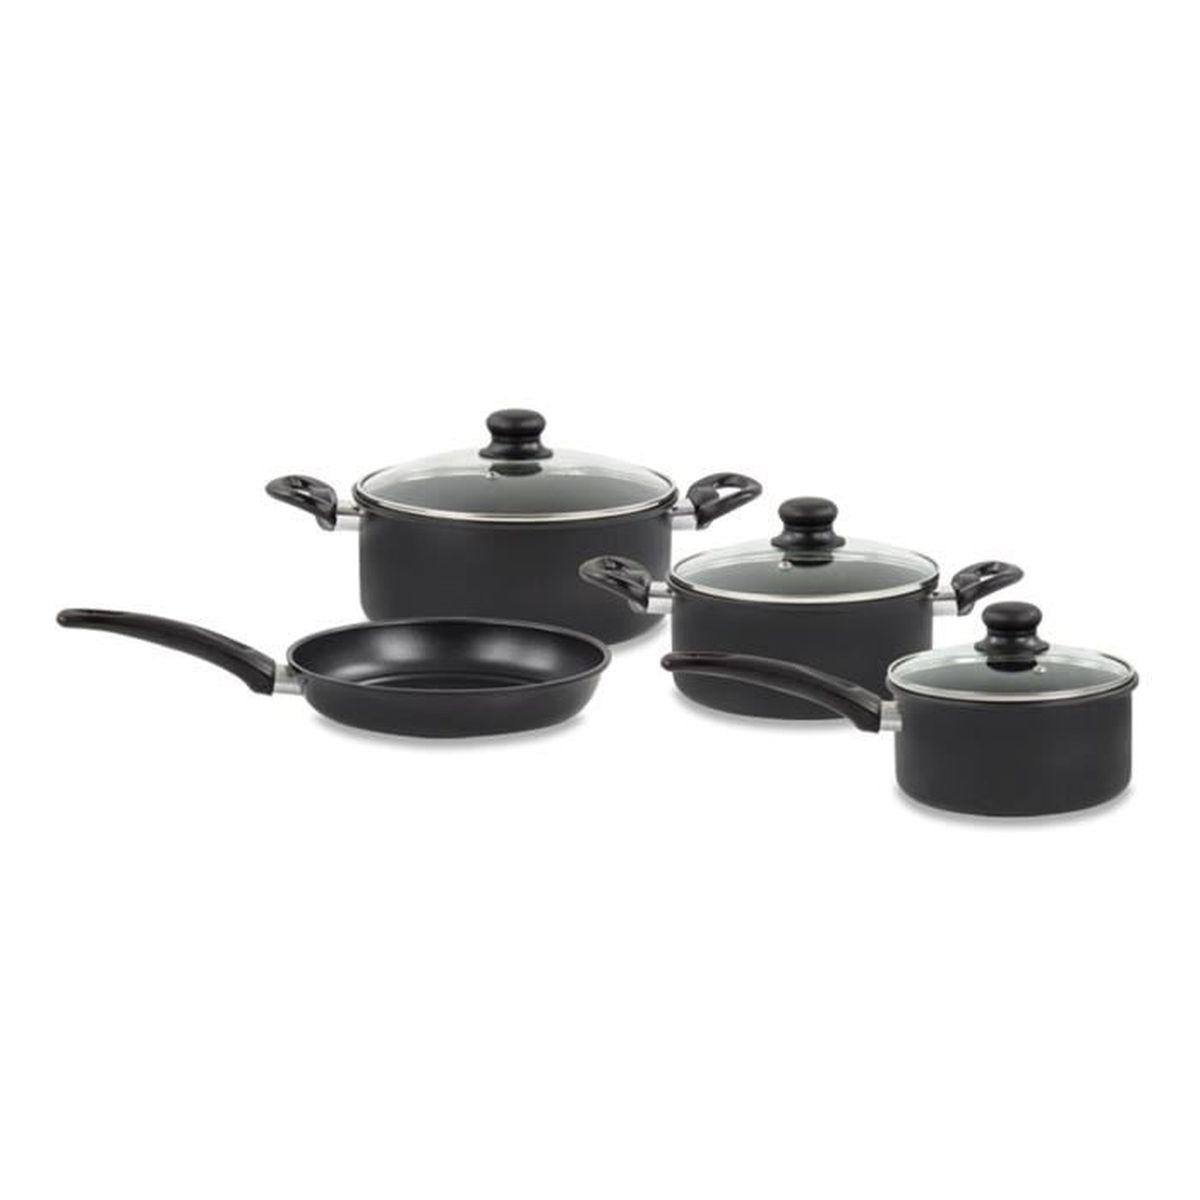 Grande cuisine Faitout Avec Couvercle Antiadhésif Poêle Plaque De Cuisson Casserole Casseroles Induction Pan